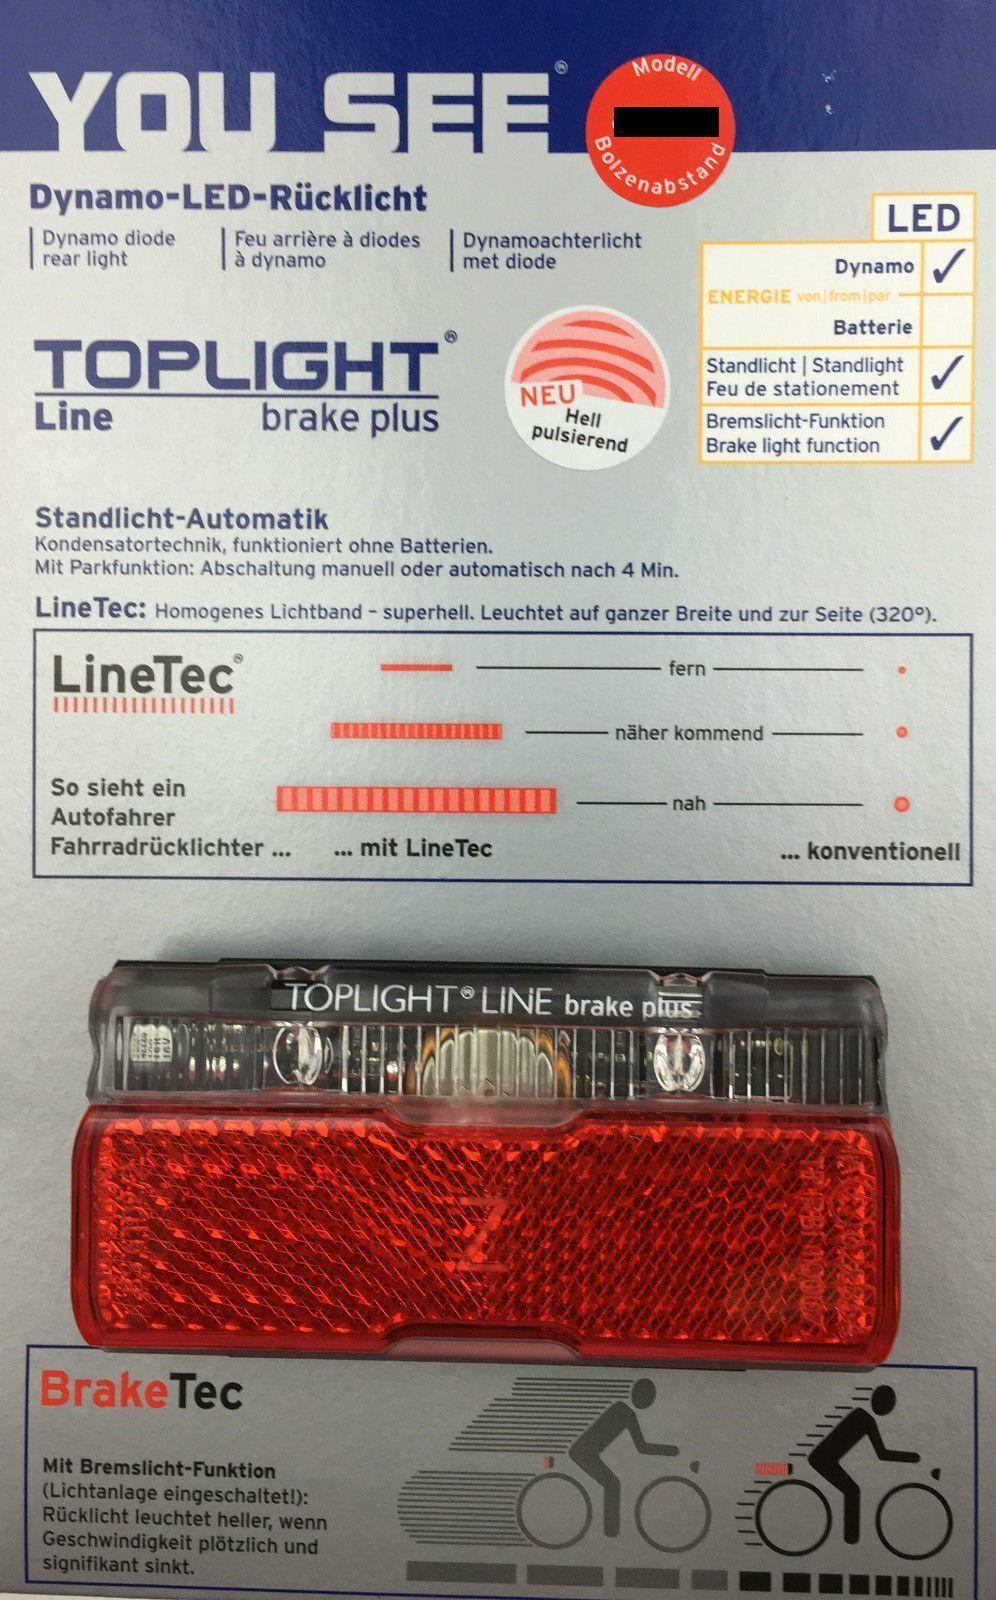 B&m Toplight Line FRENO PLUS faro fanale posteriore 50 mm bolzenabstand